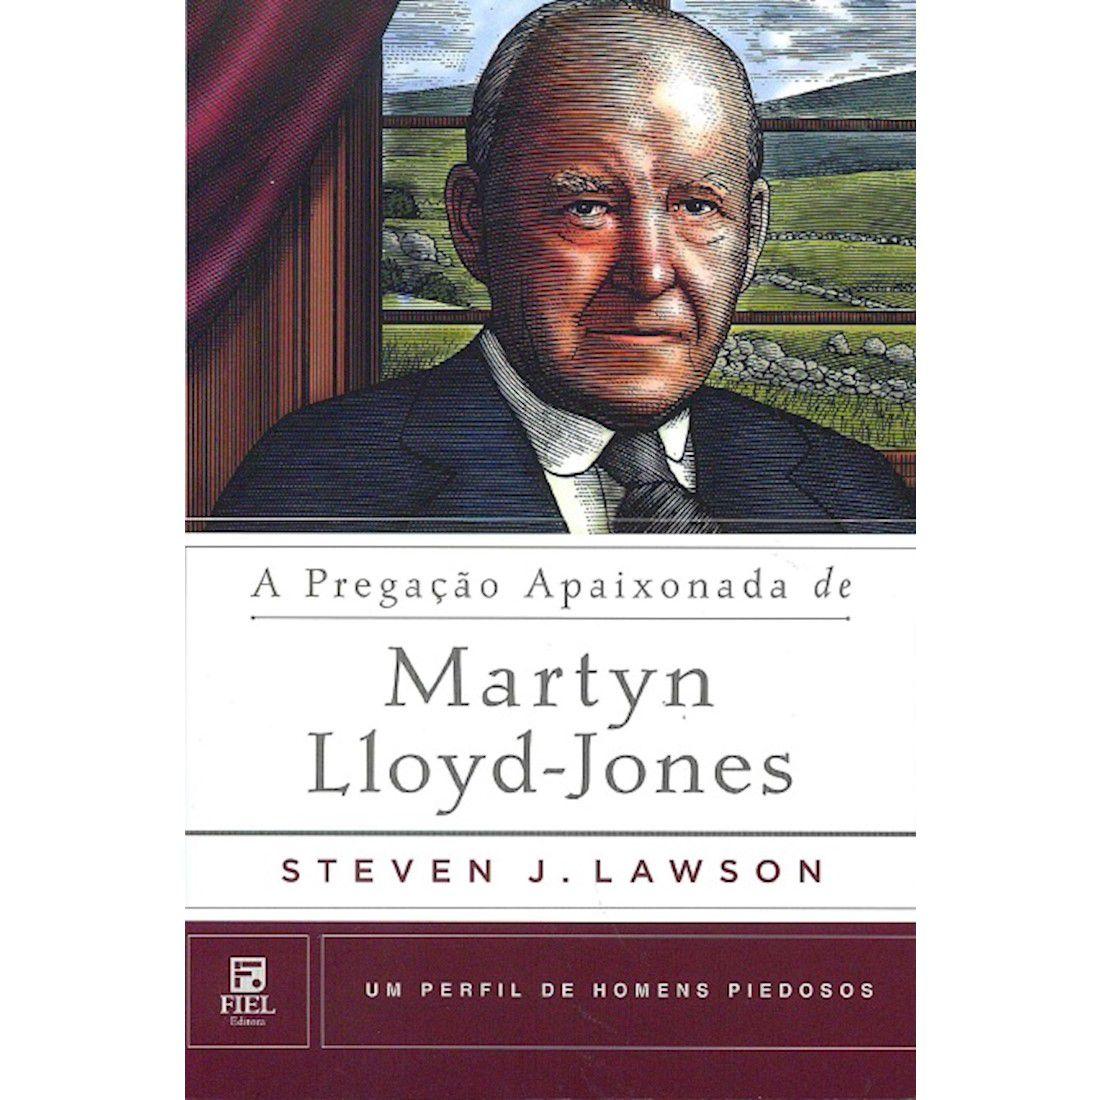 Livro A Pregação Apaixonada de Martyn Lloyd-Jones - Série Um Perfil de Homens Piedosos